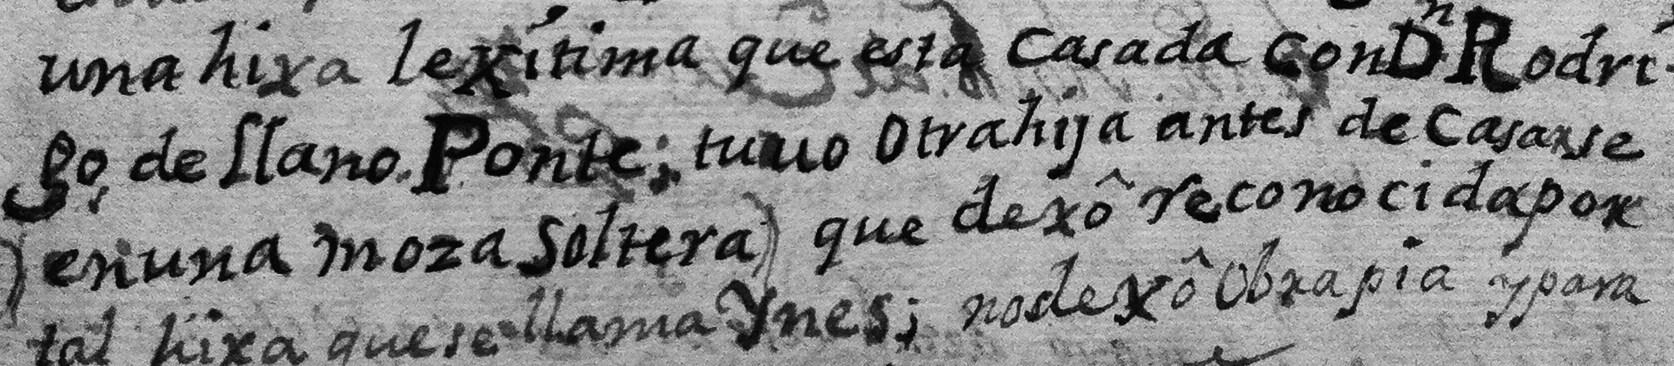 Tres anécdotas, tres (1). El bautismo de una nuez